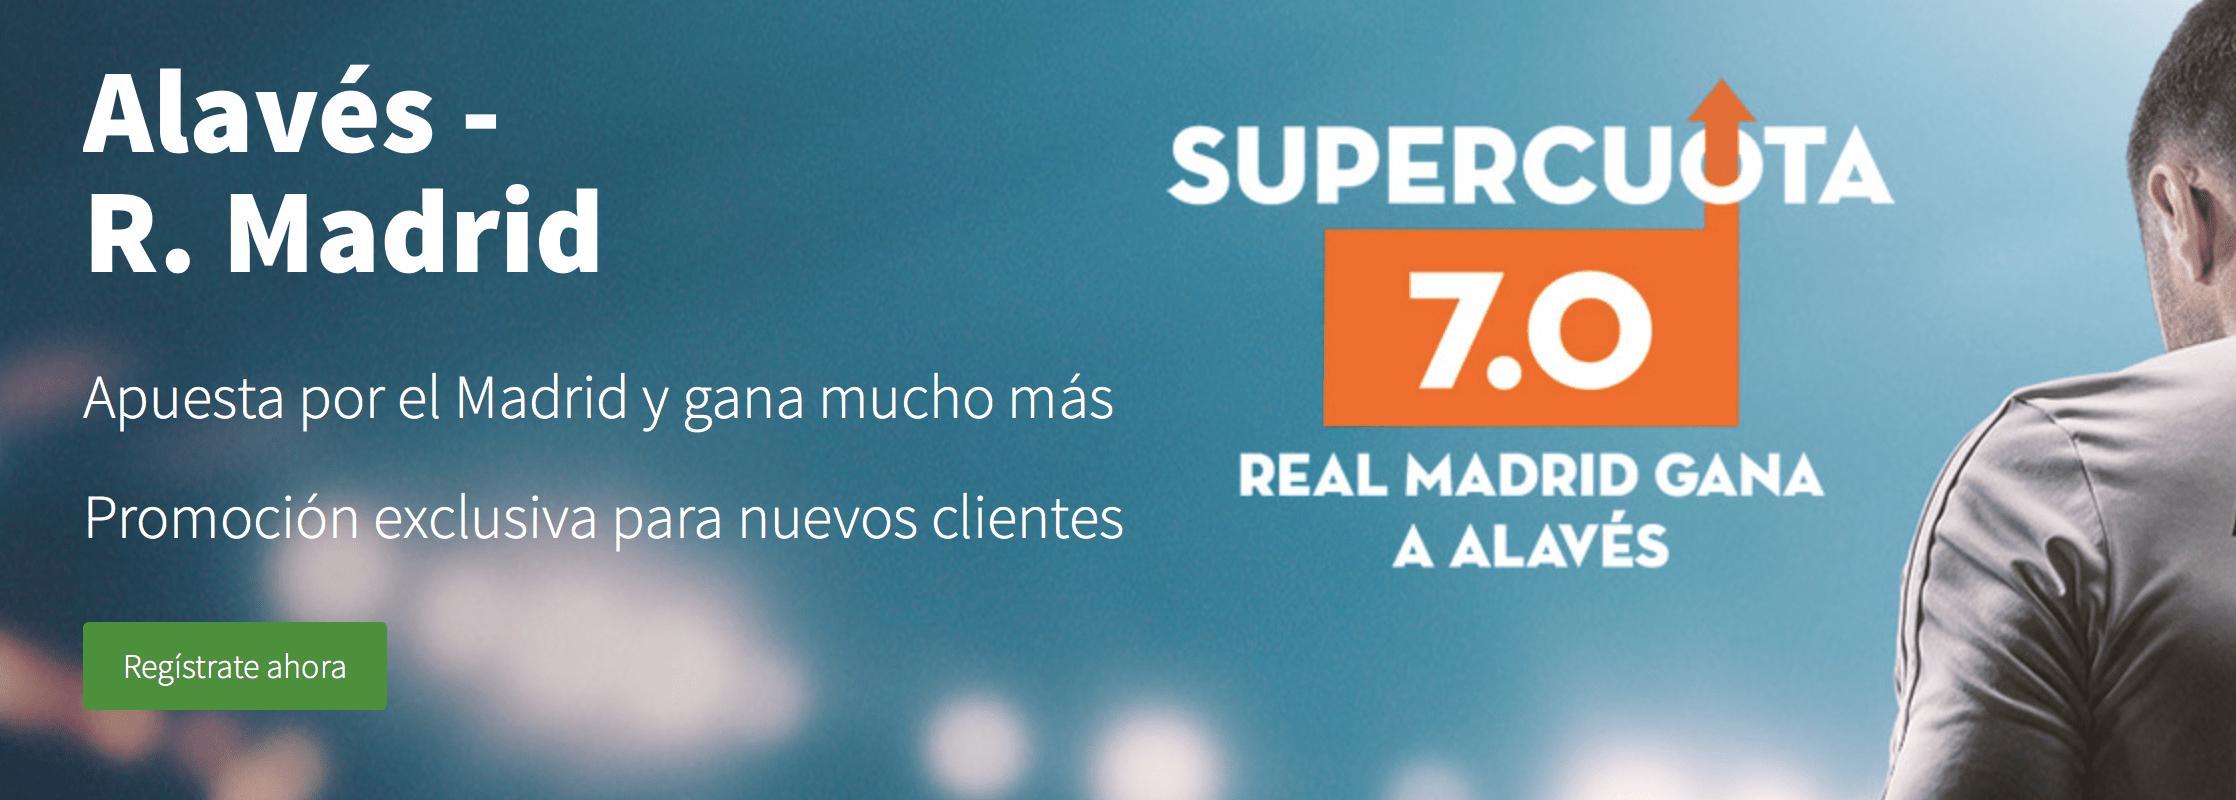 Supercuota betsson liga Alavés - Real Madrid